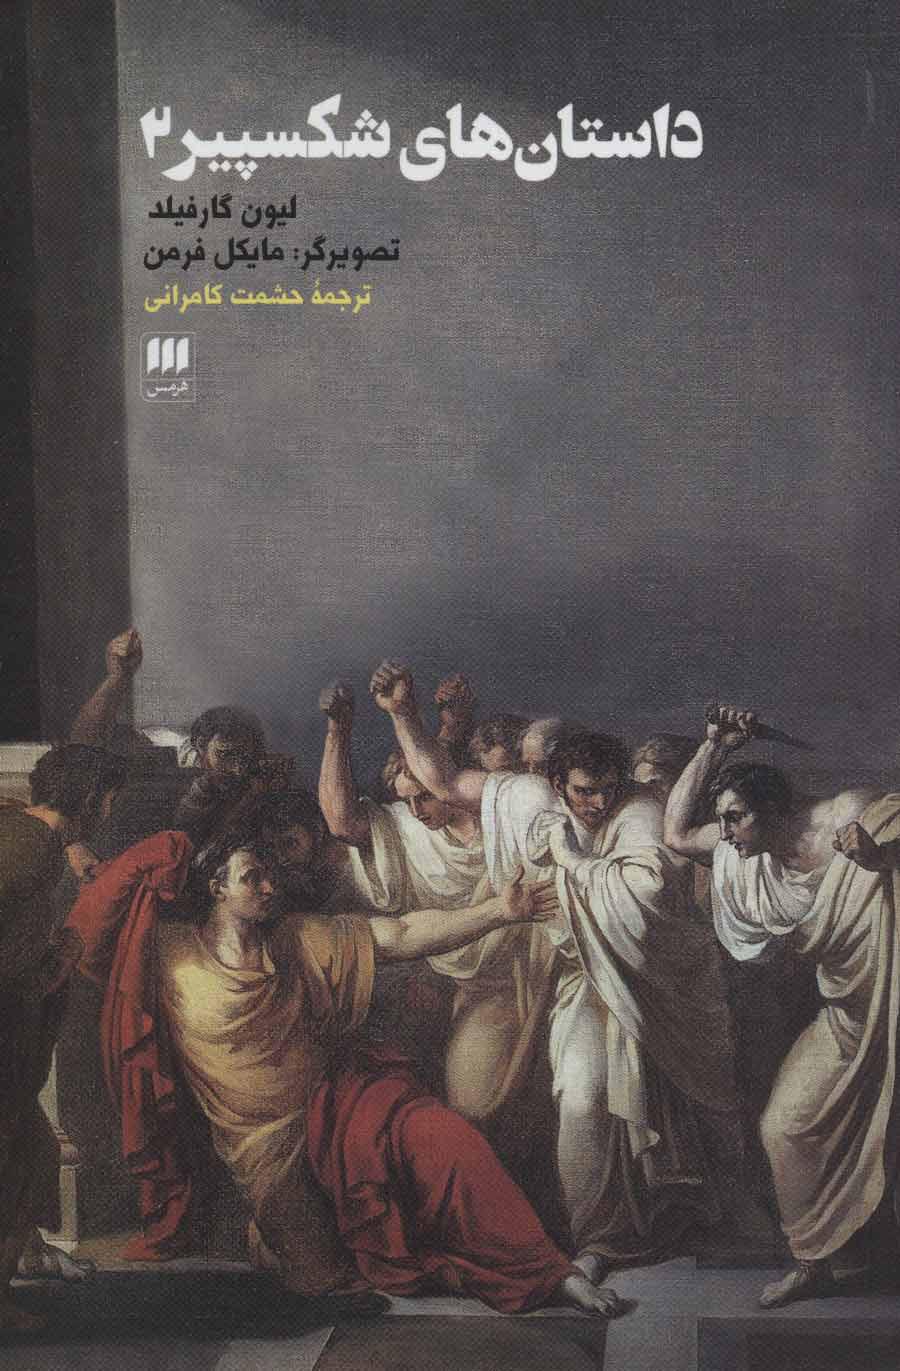 کتاب داستان های شکسپیر 2